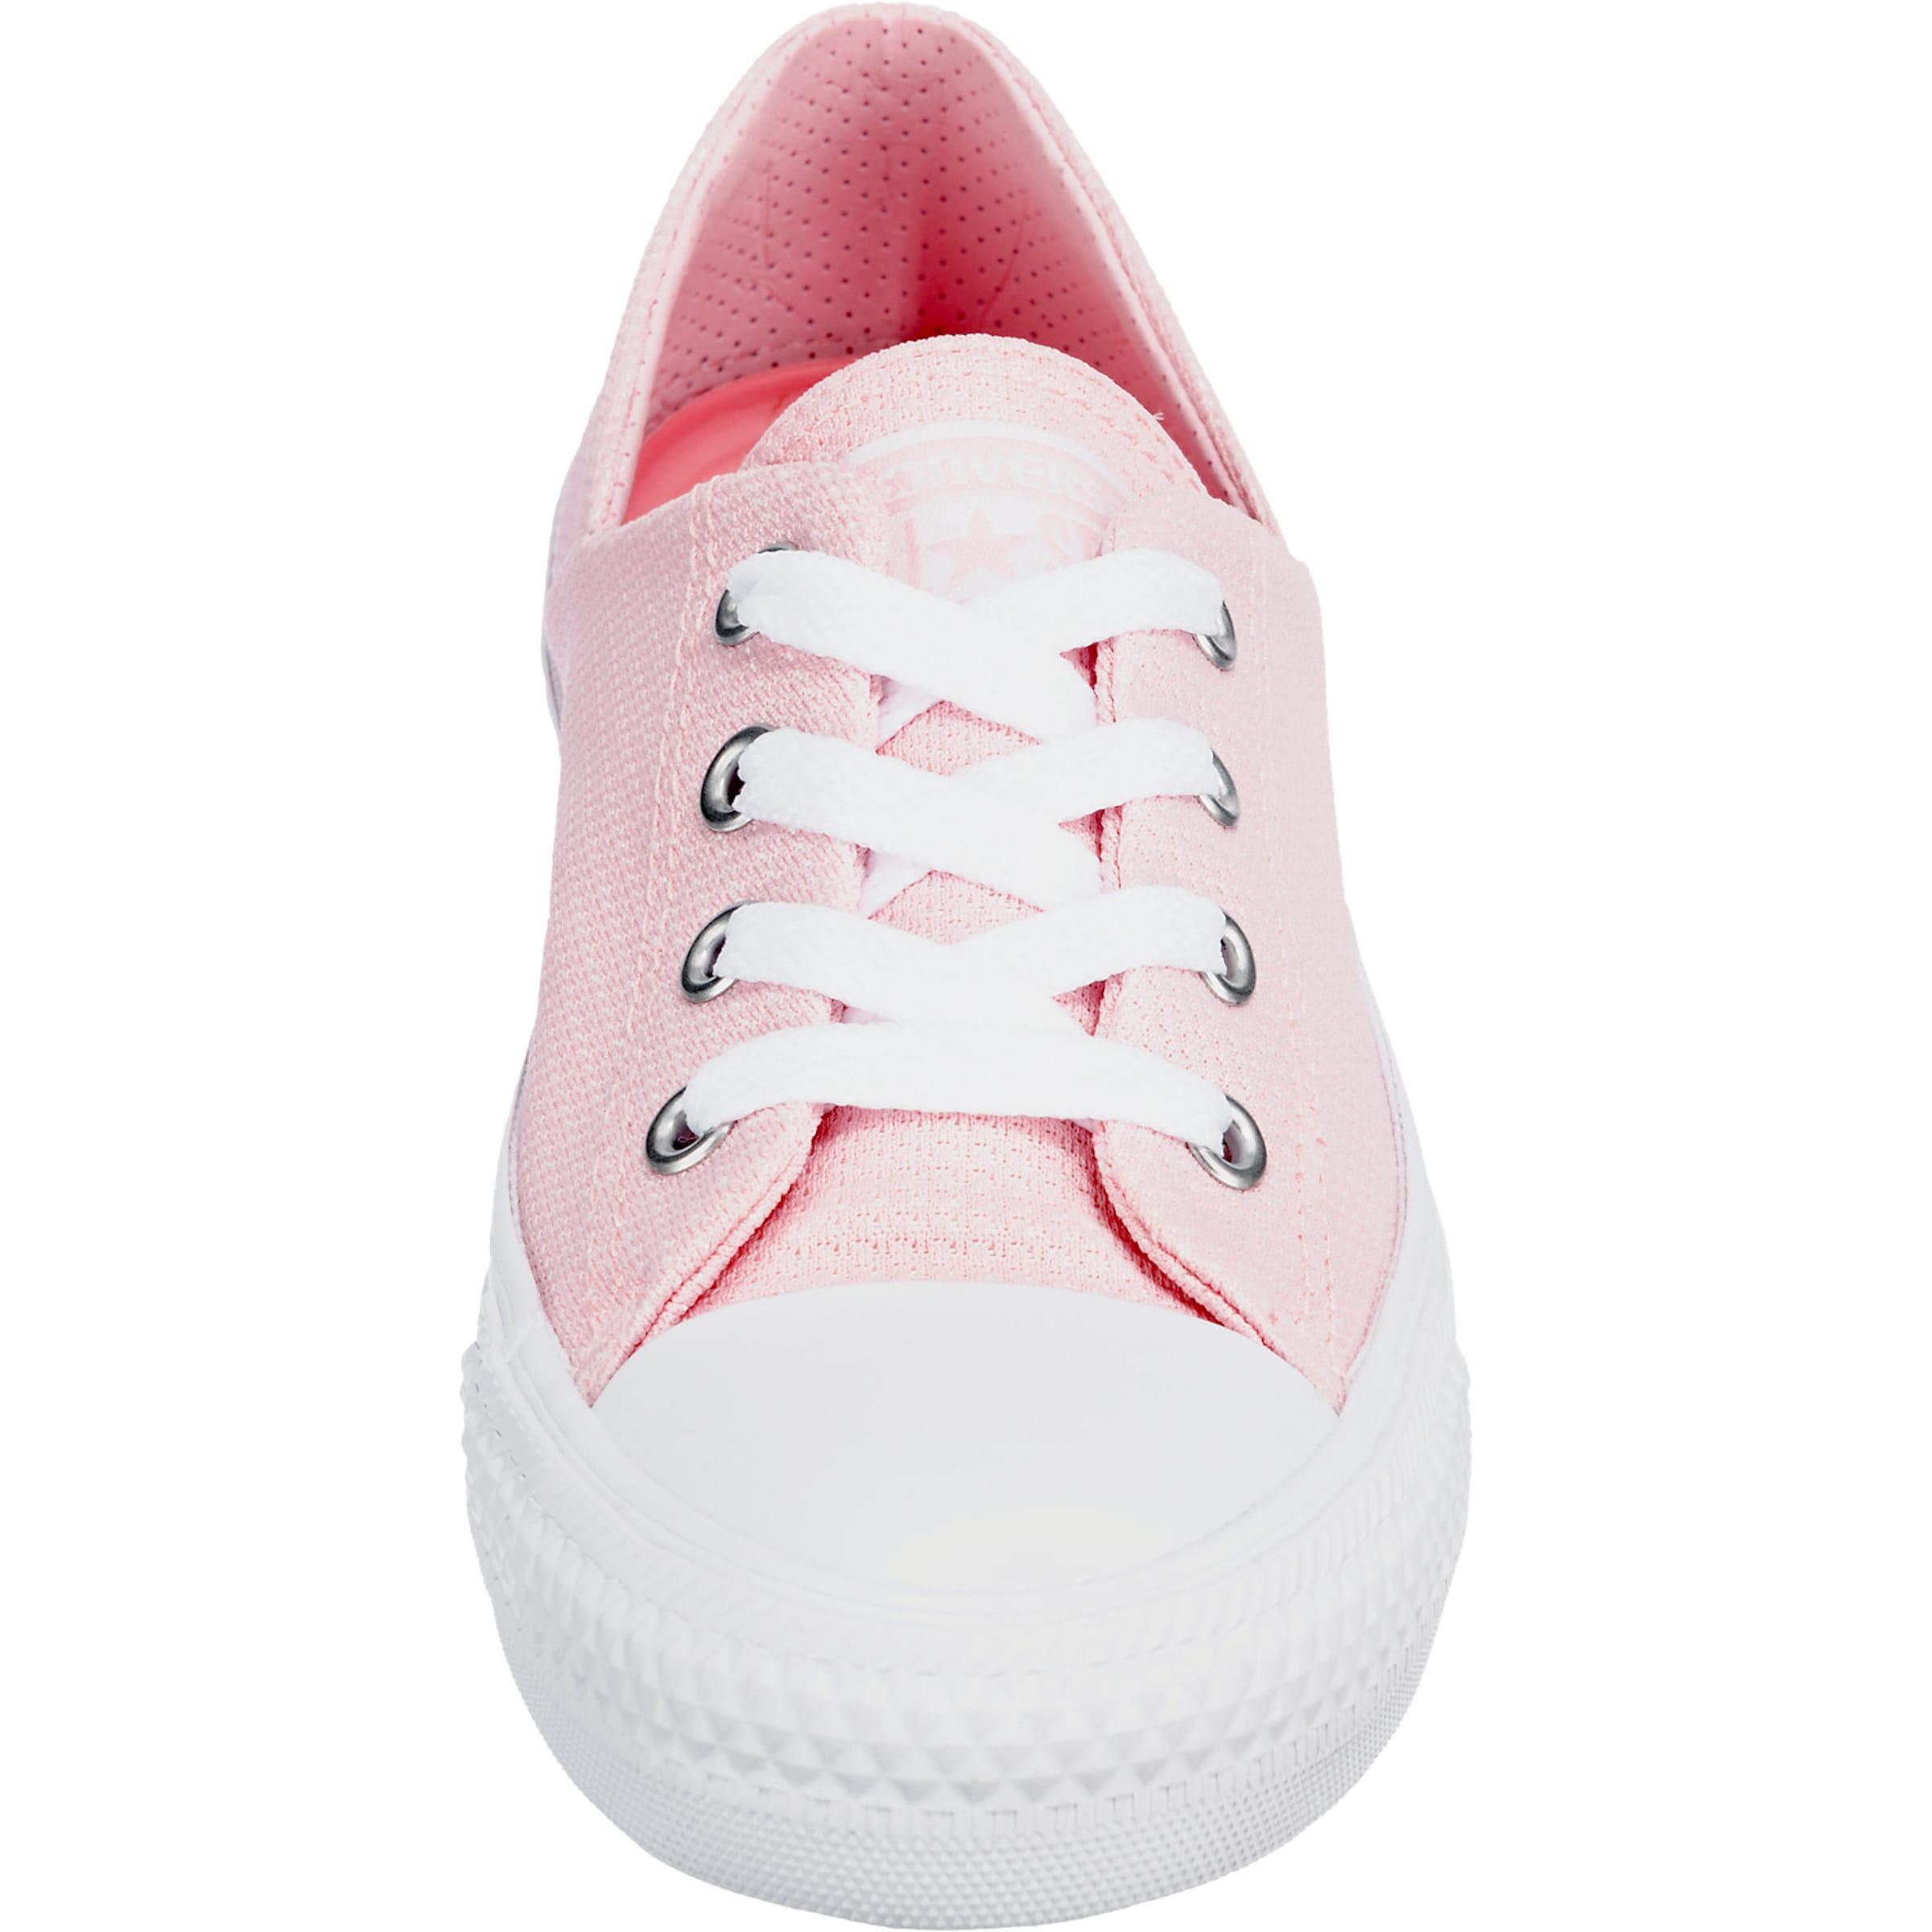 Rabatt Erstaunlicher Preis Verkauf Der Neuen Ankunft CONVERSE 'CTAS Coral-Ox' Sneaker Rabatt Visum Zahlung Spielraum Manchester Großer Verkauf EeR7r7FN